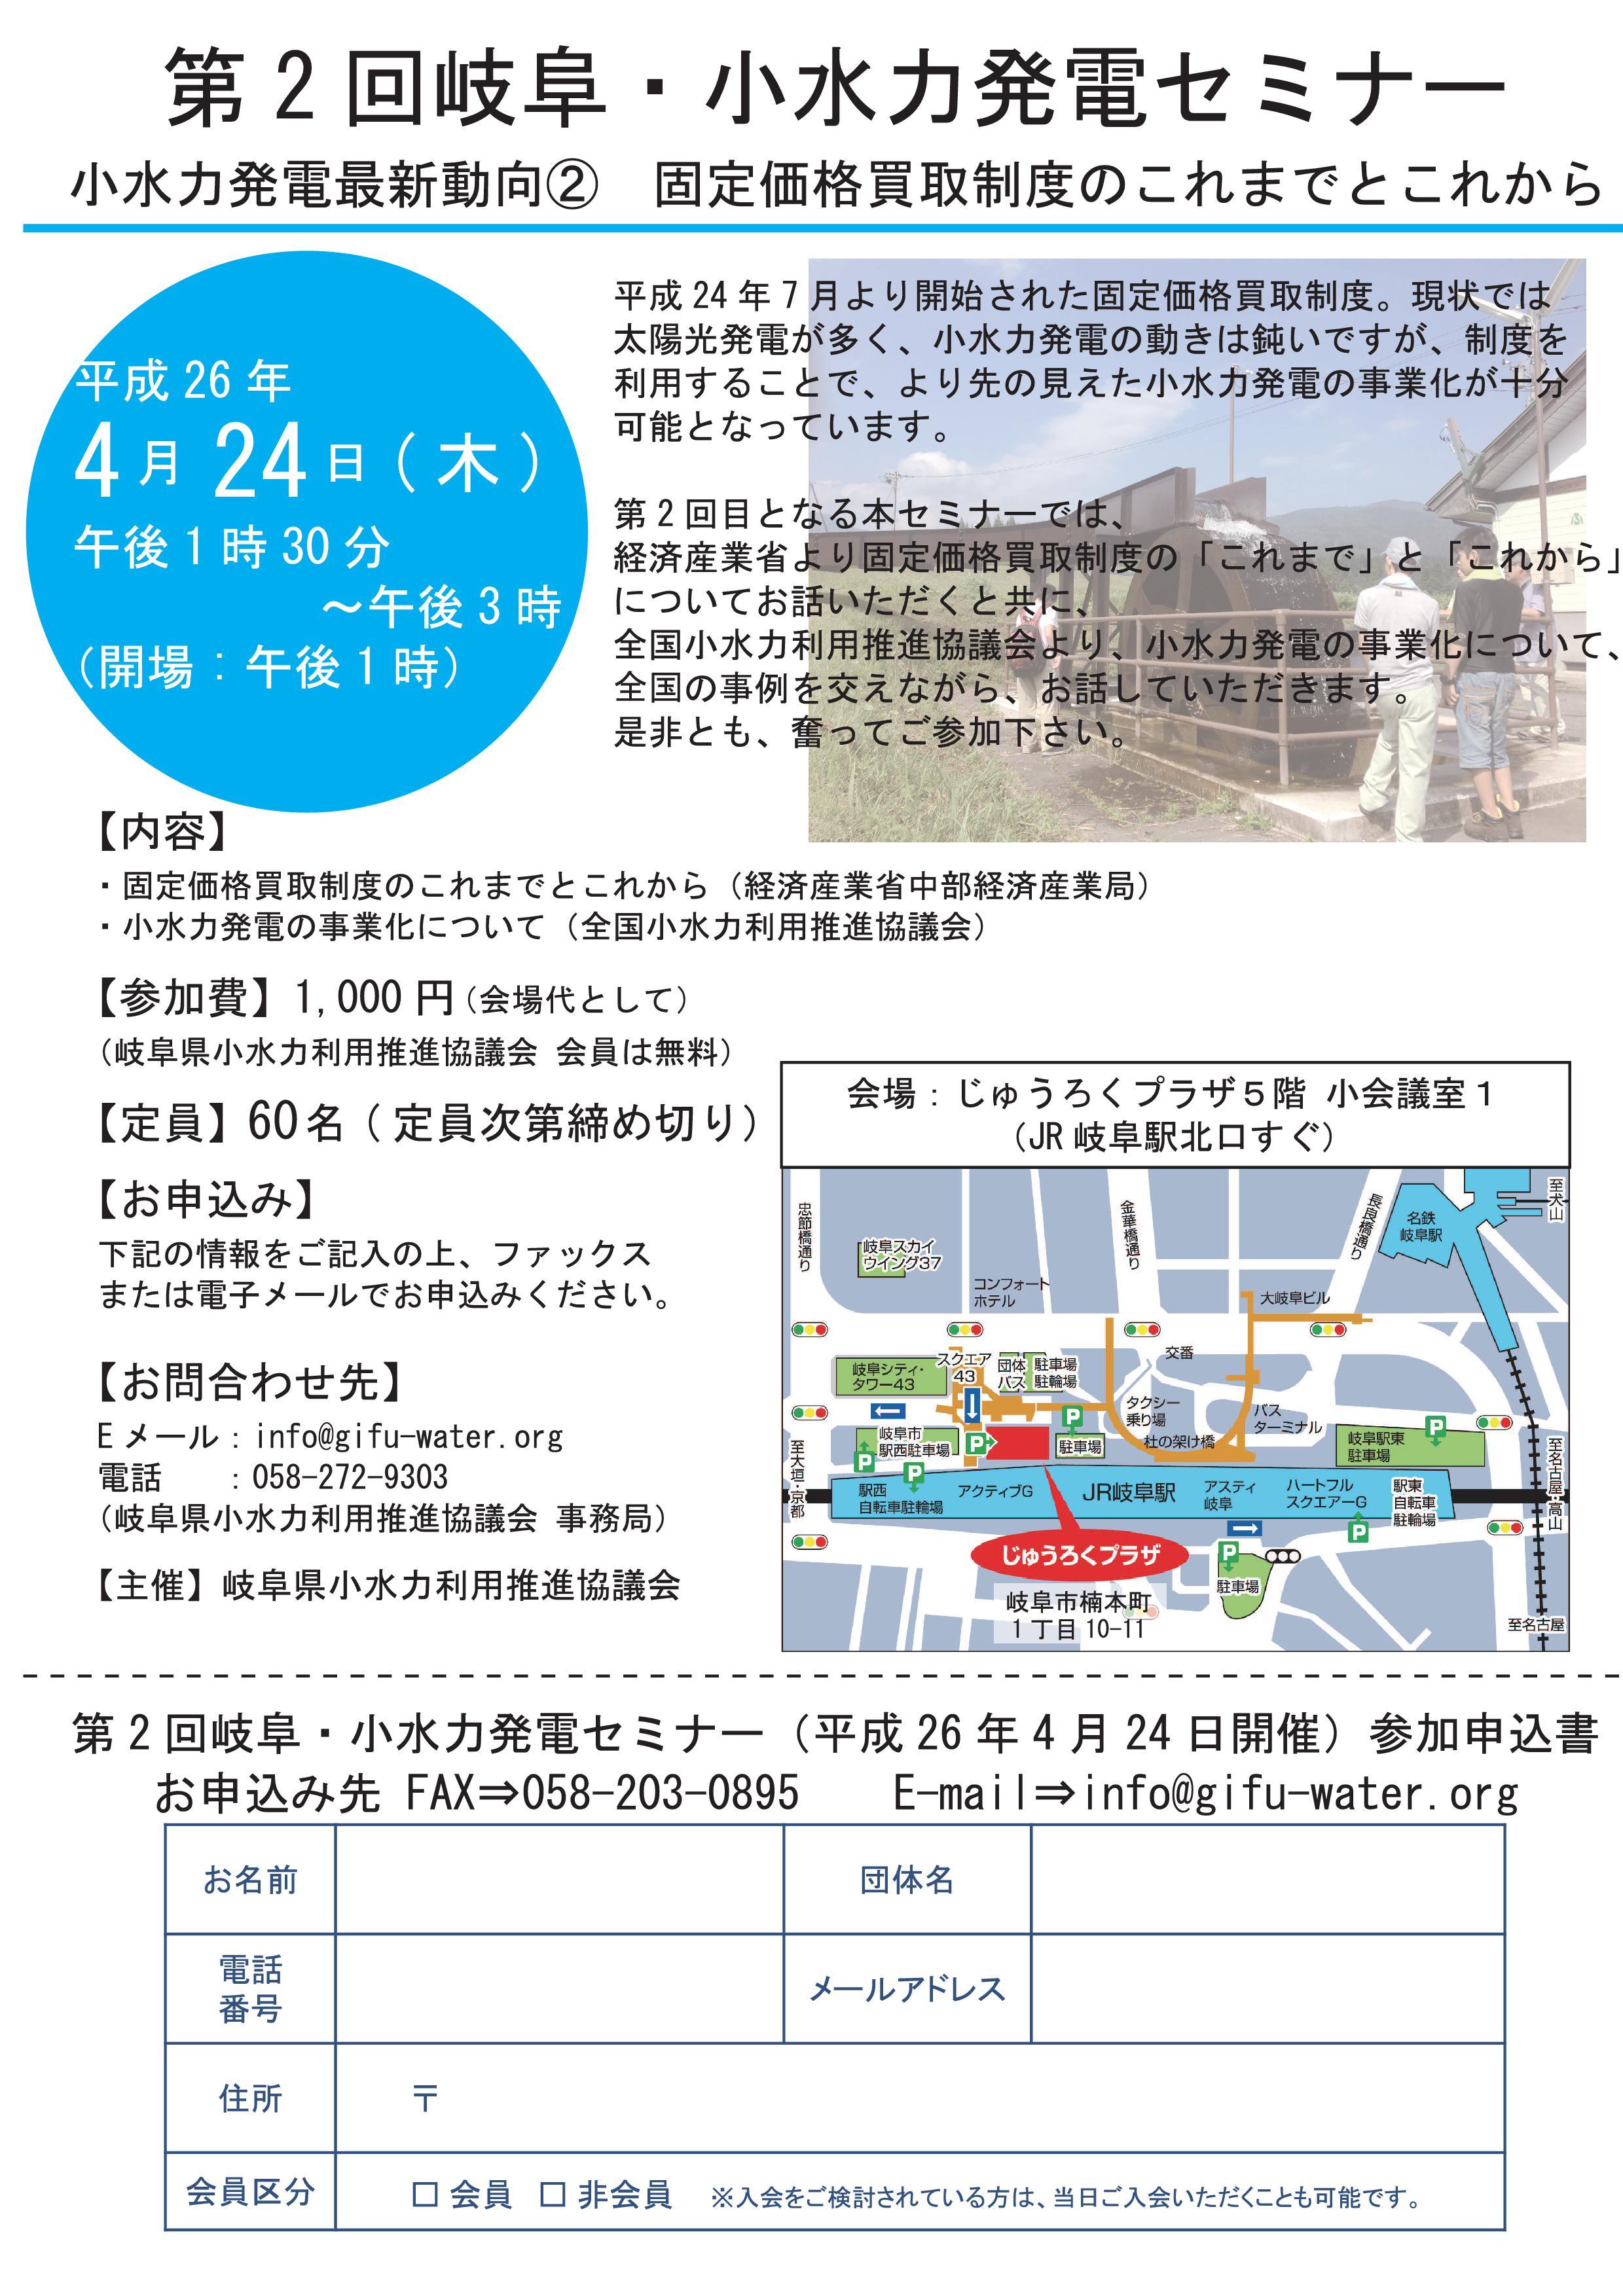 第2回岐阜・小水力発電セミナーチラシ